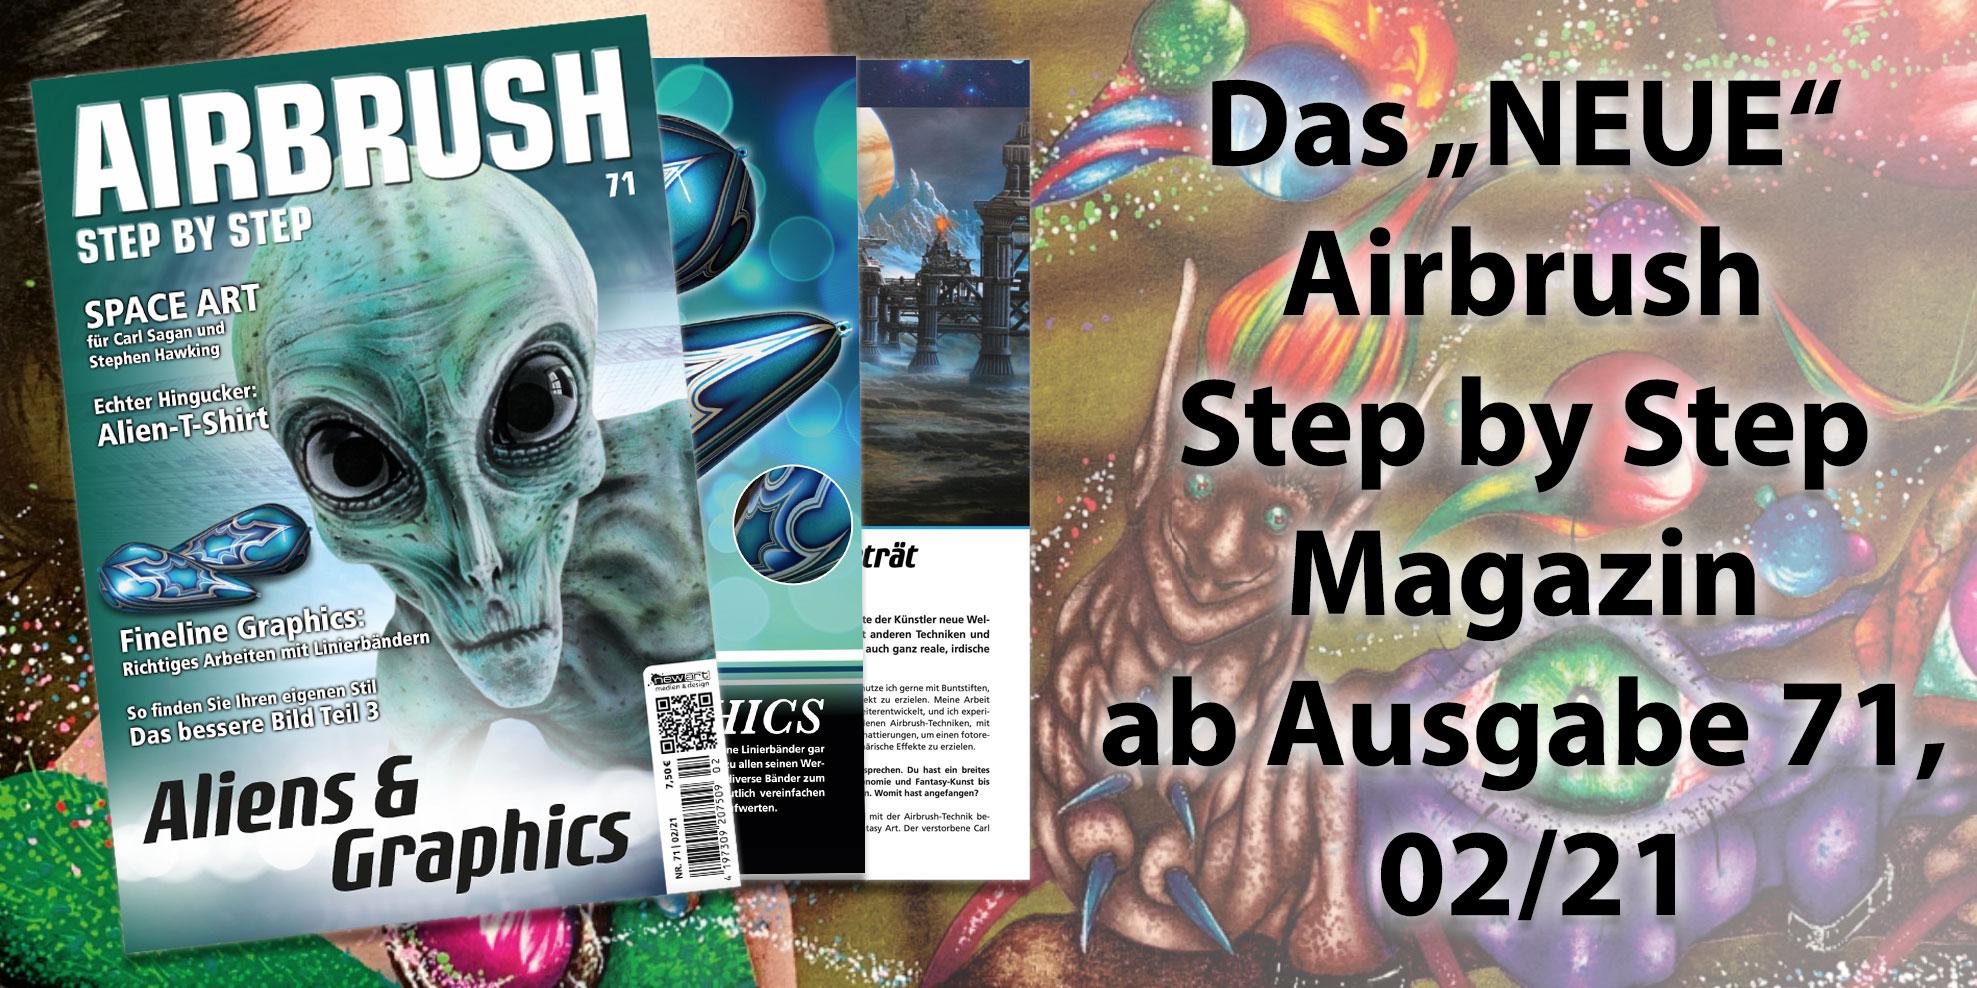 Airbrush Step by Step Relaunch 2021: Neues Outfit und bessere Verfügbarkeit